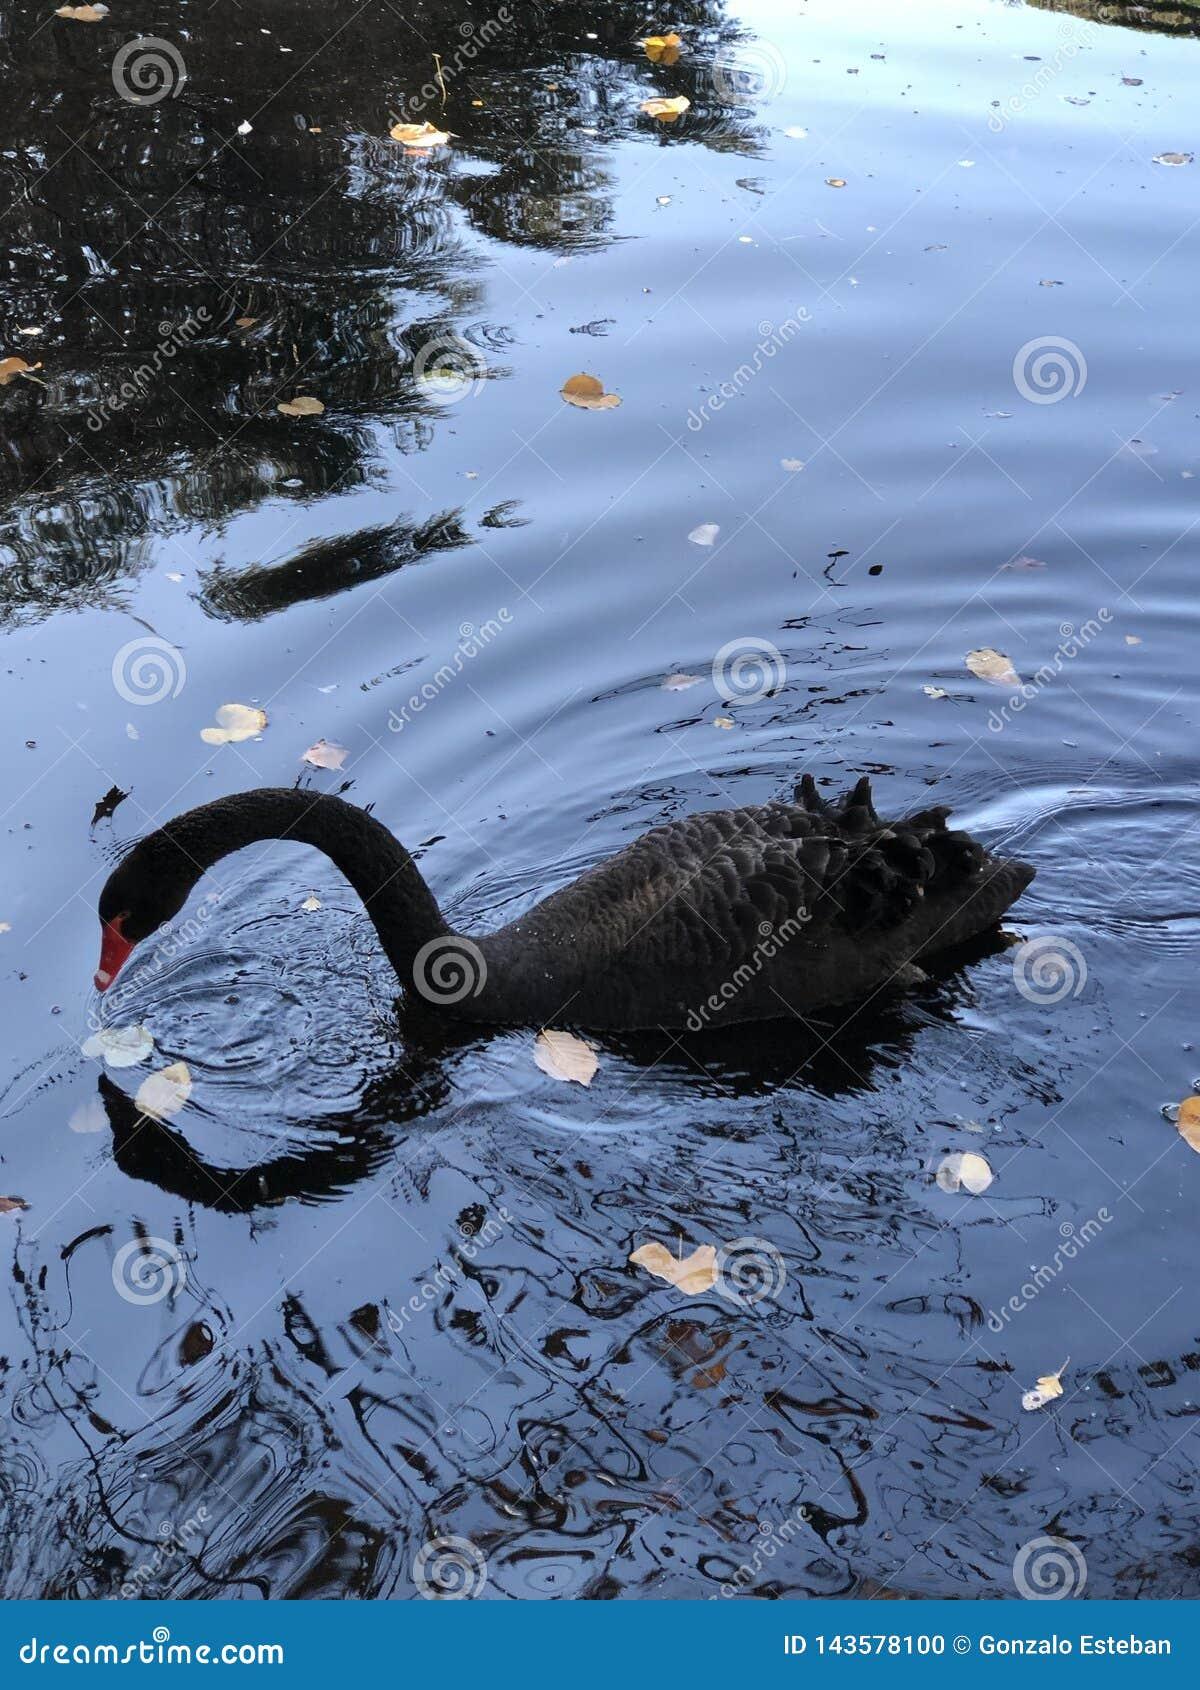 Cygne noir regardant le miroir